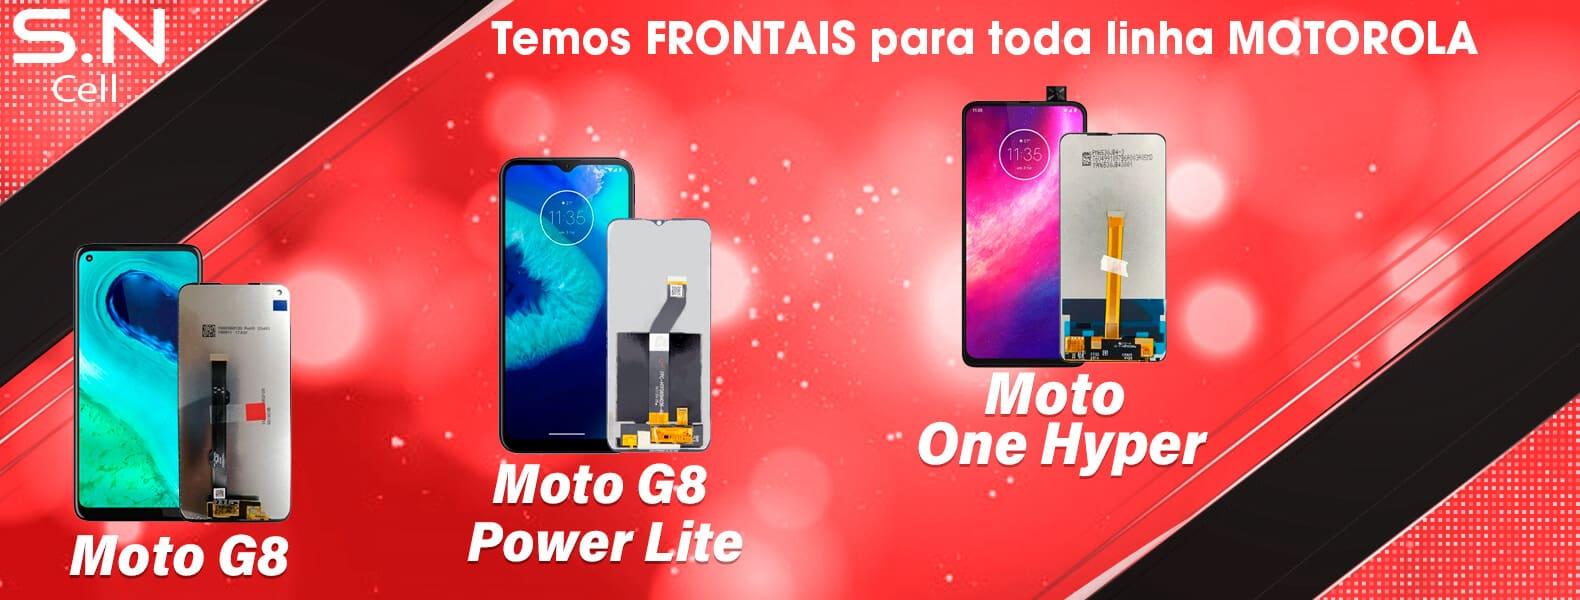 peças para celulares moto g8 power lite one hyper